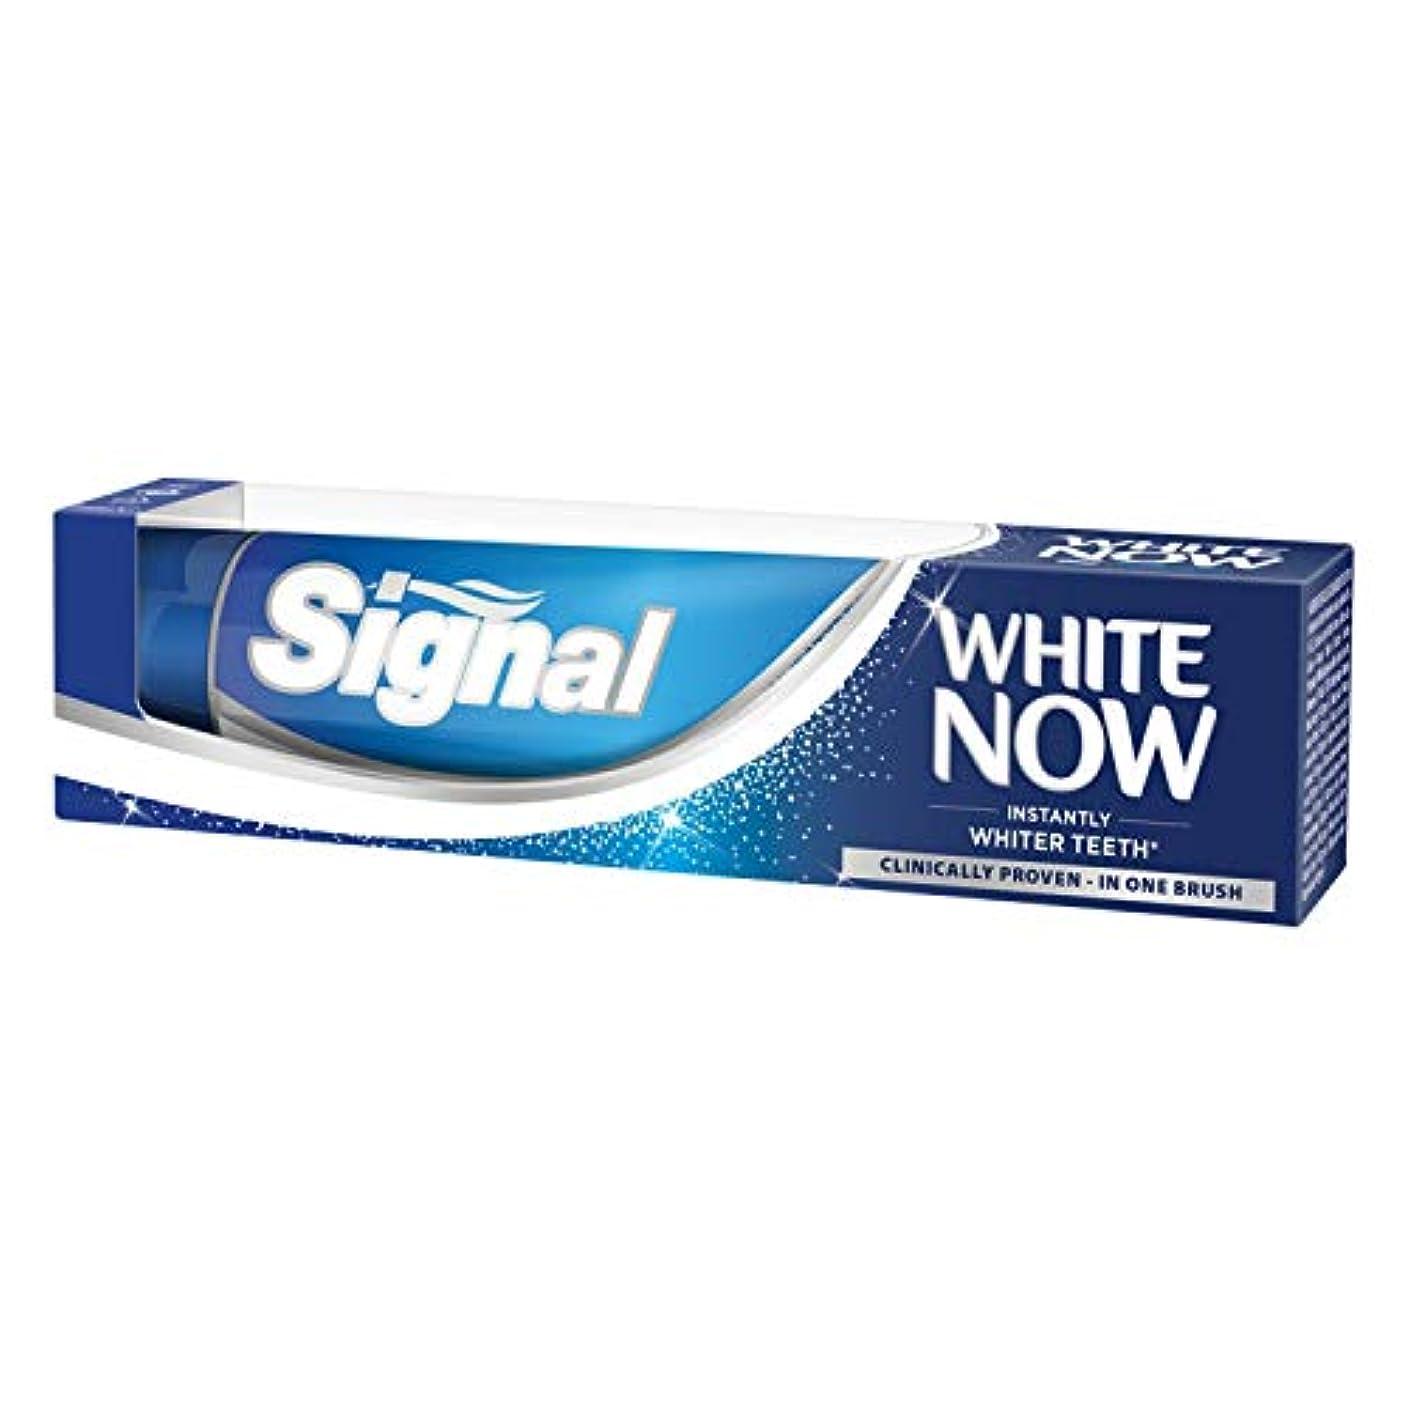 寝具中古自分Signal(シンガル) White Now「白今」 ホワイトニング歯磨き粉 インスタント効果、臨床的に証明された 75ml 3個入り [並行輸入品]